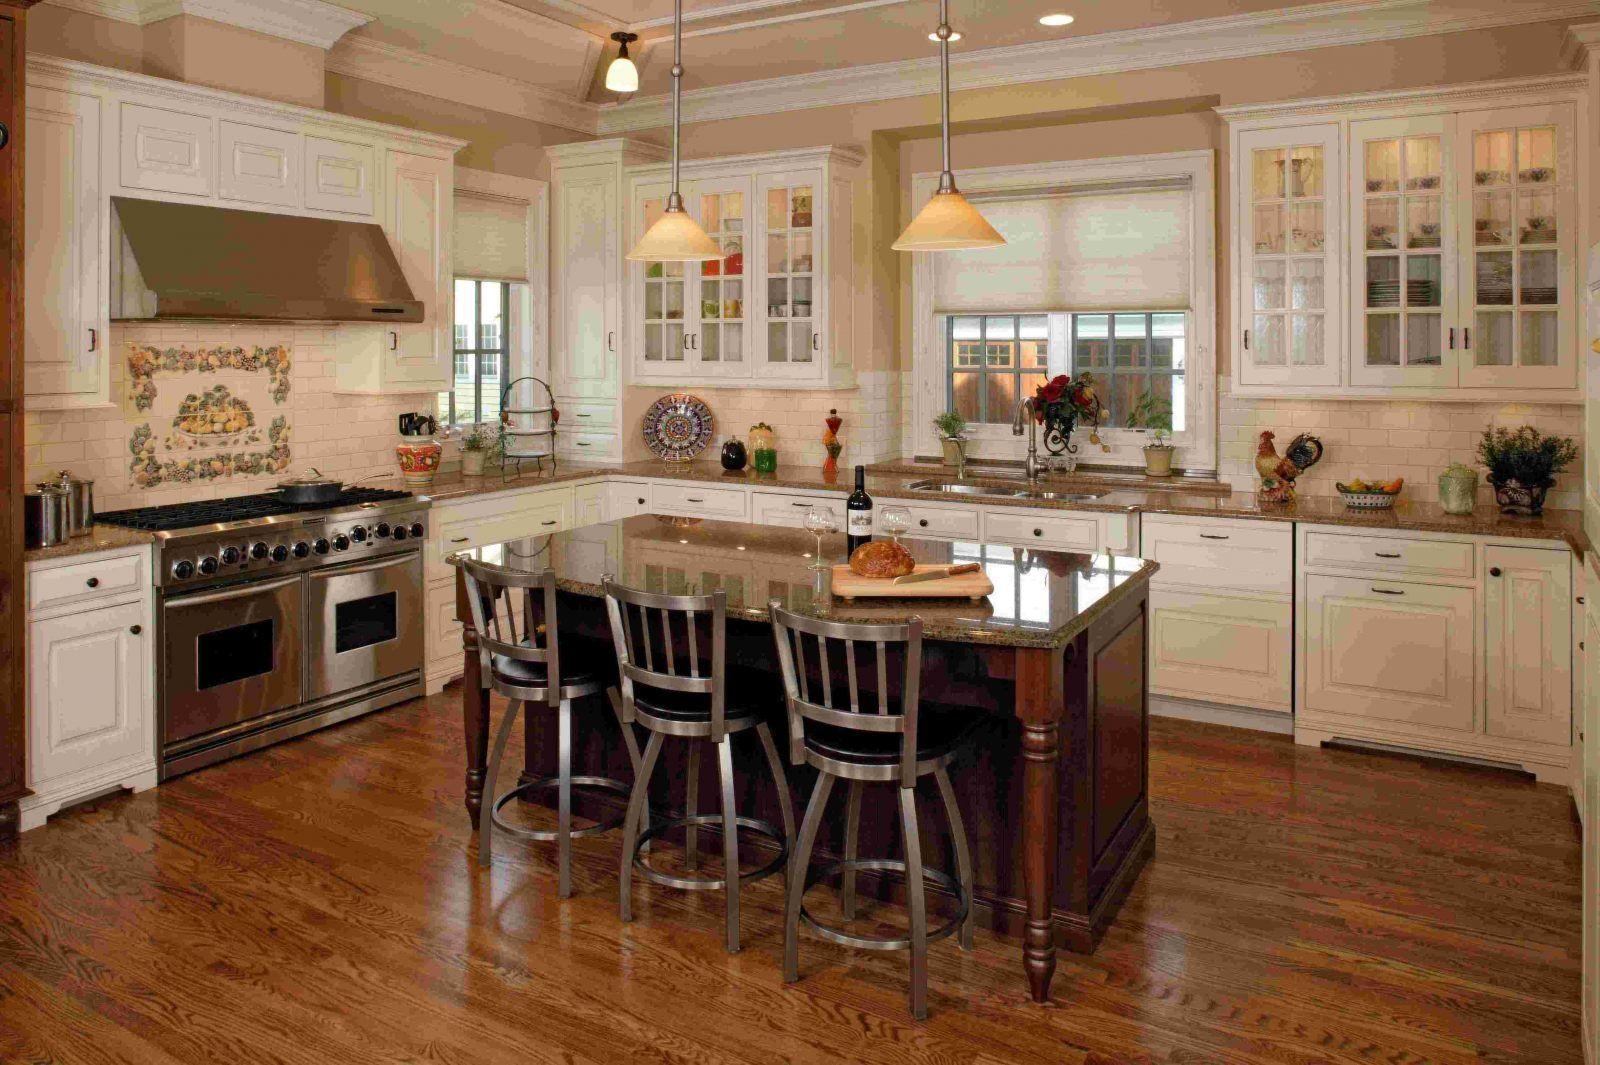 Cocina de madera rustica buscar con google acabados - Muebles rusticos de cocina ...